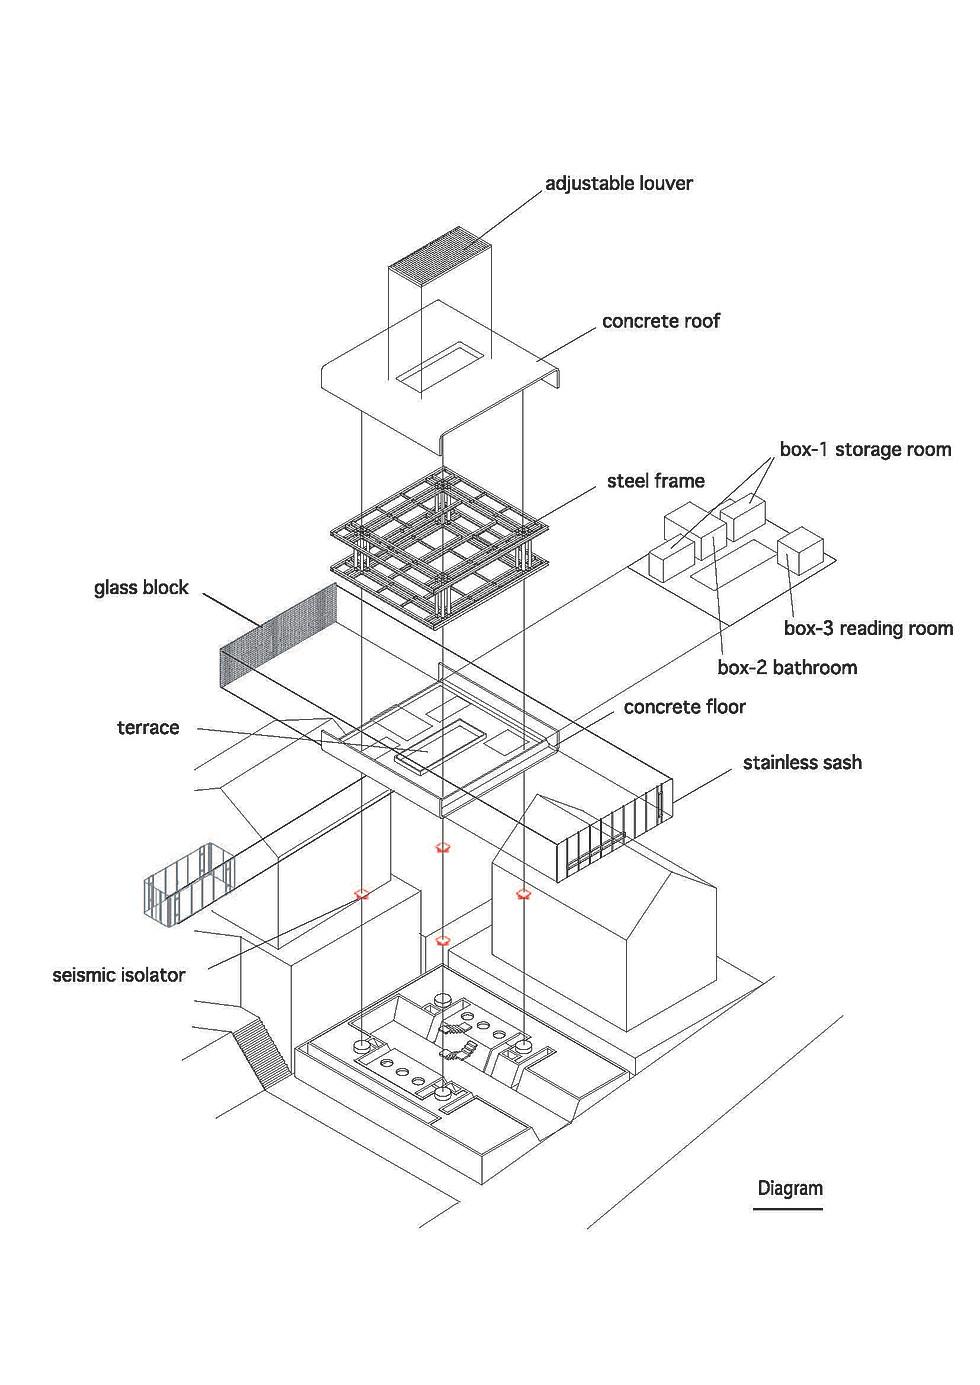 tv house plan_ (11).jpg